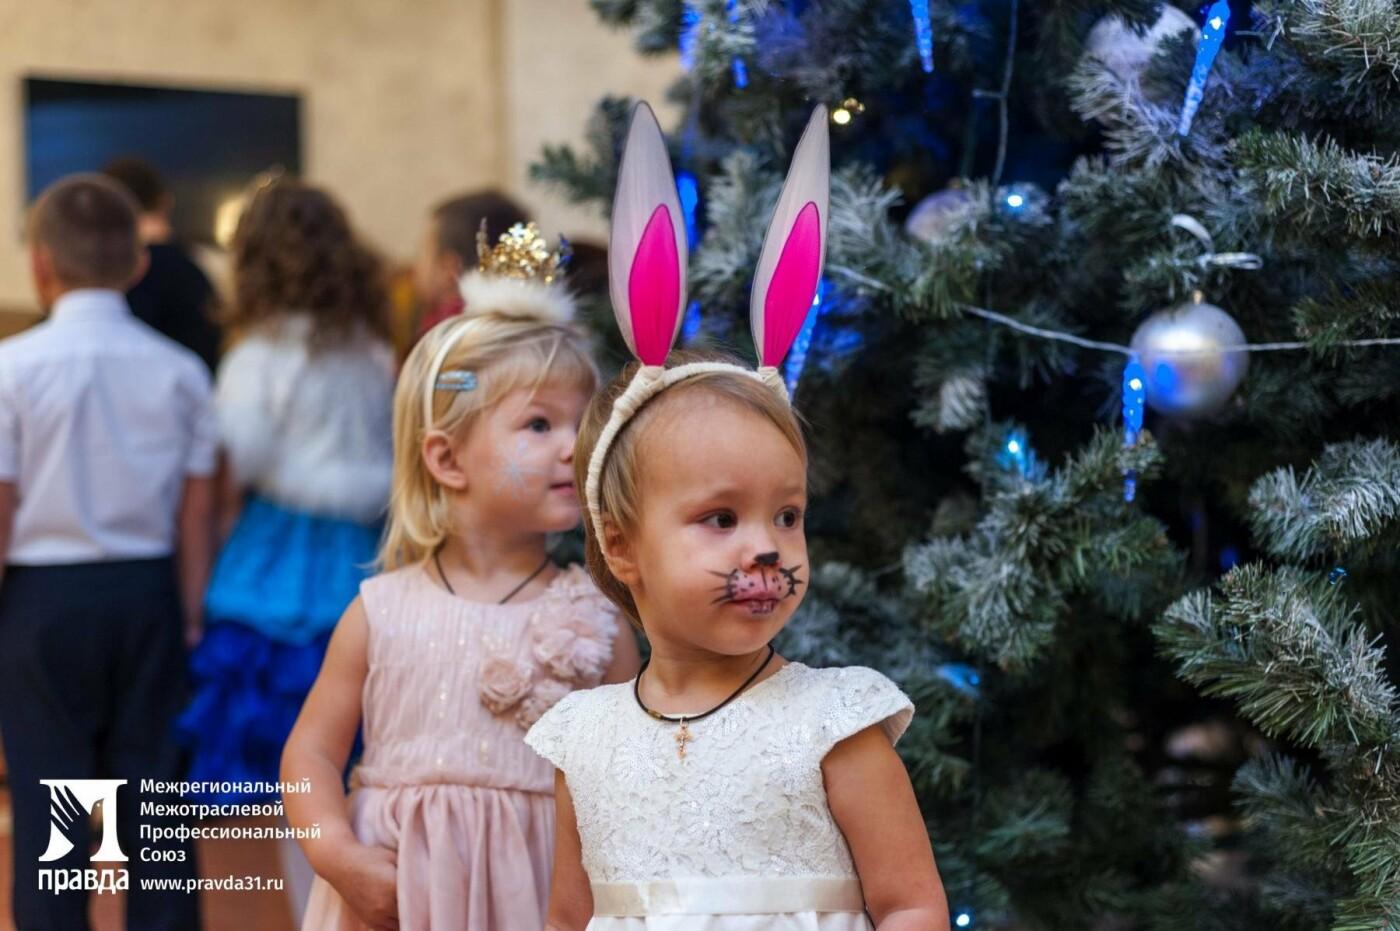 «Правда» организовала для всех детей участников профсоюза новогодние утренники в Белгородской филармонии, фото-6